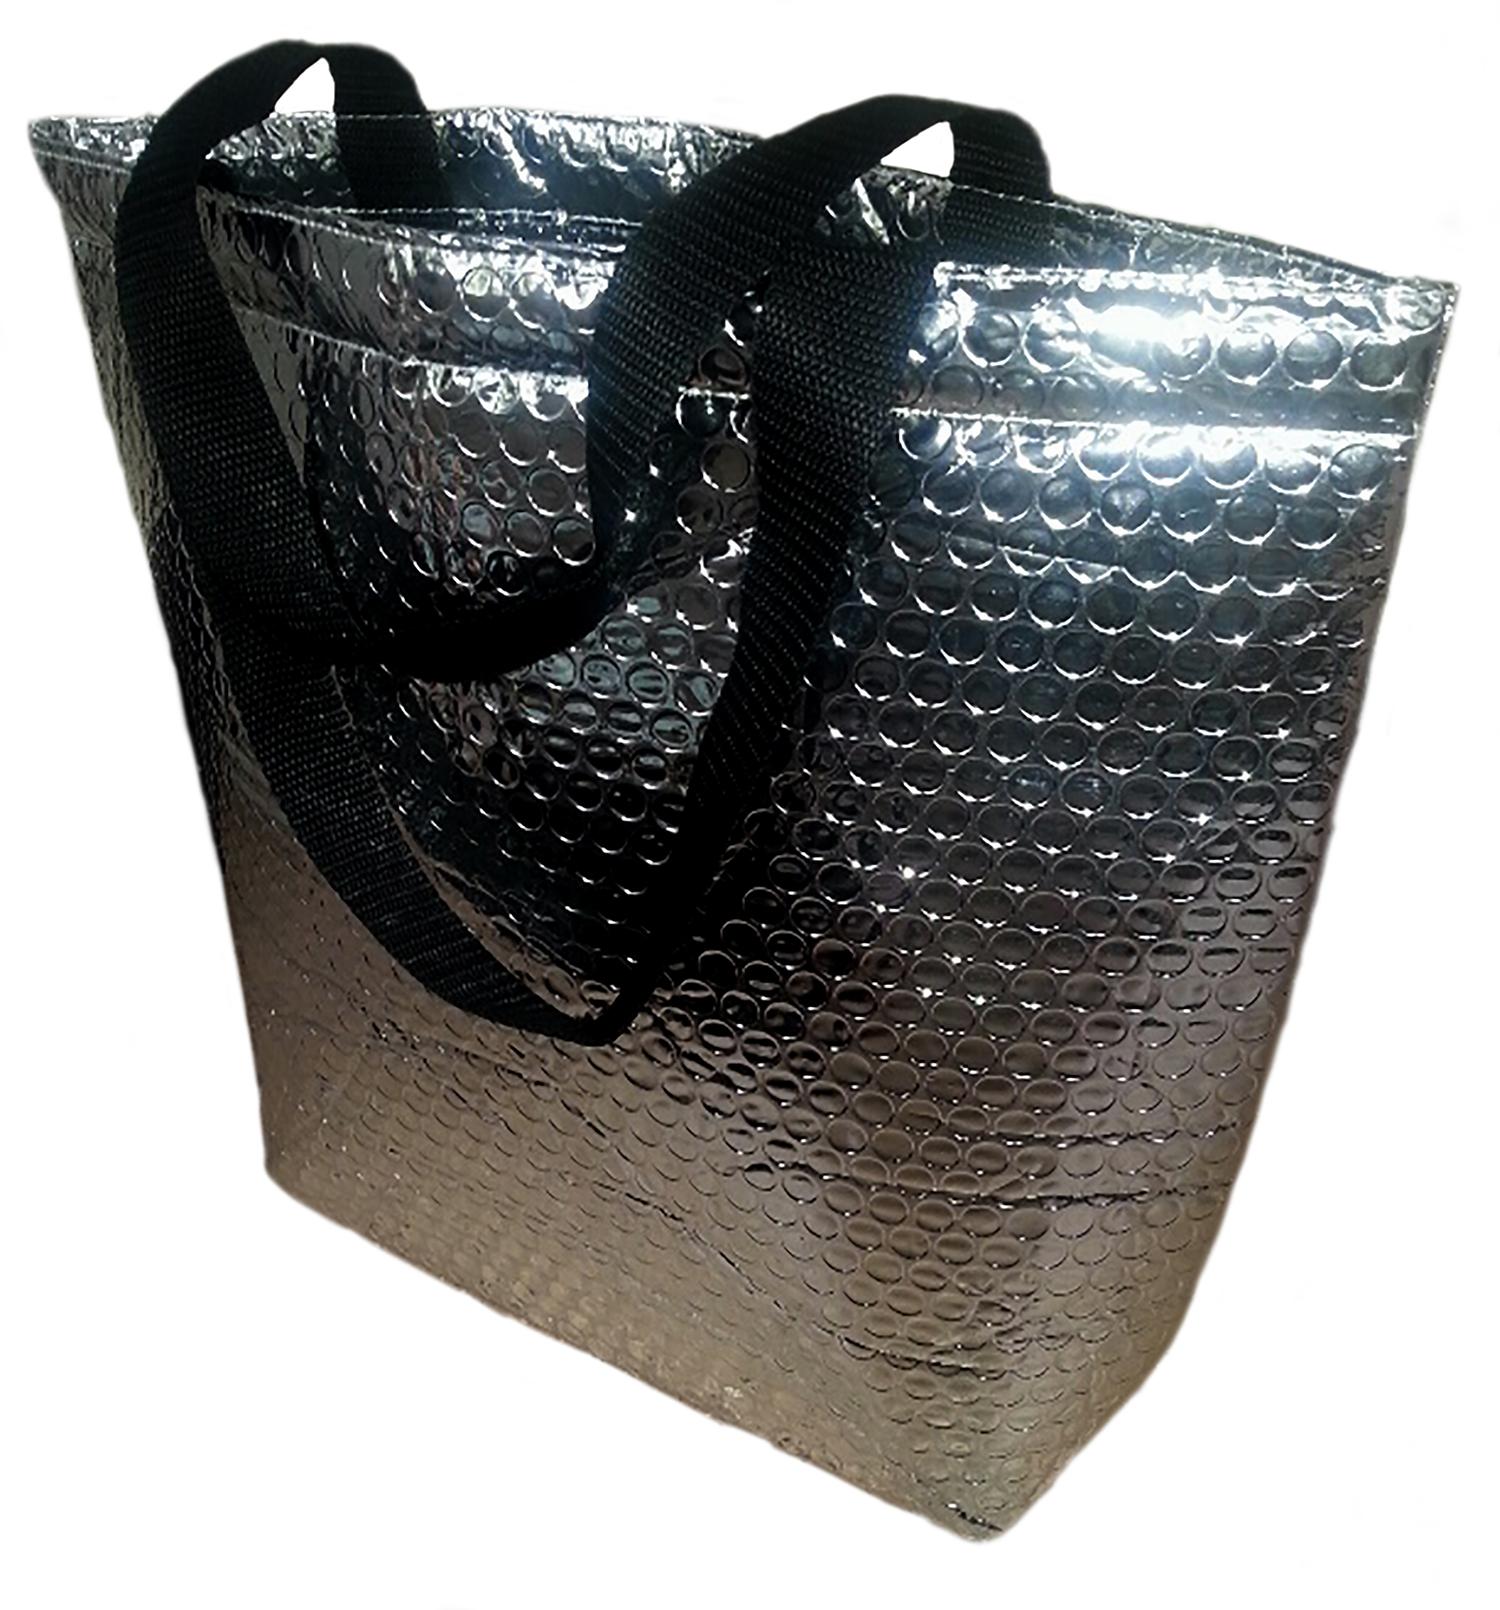 Nieuw zijn de zakken ontwikkeld in  Plutiball , dit ziet eruit als bubbel plastiek, maar is veel sterker. Door met dit materiaal te werken, krijgen de draagtassen een grote herbruikbaarheid.